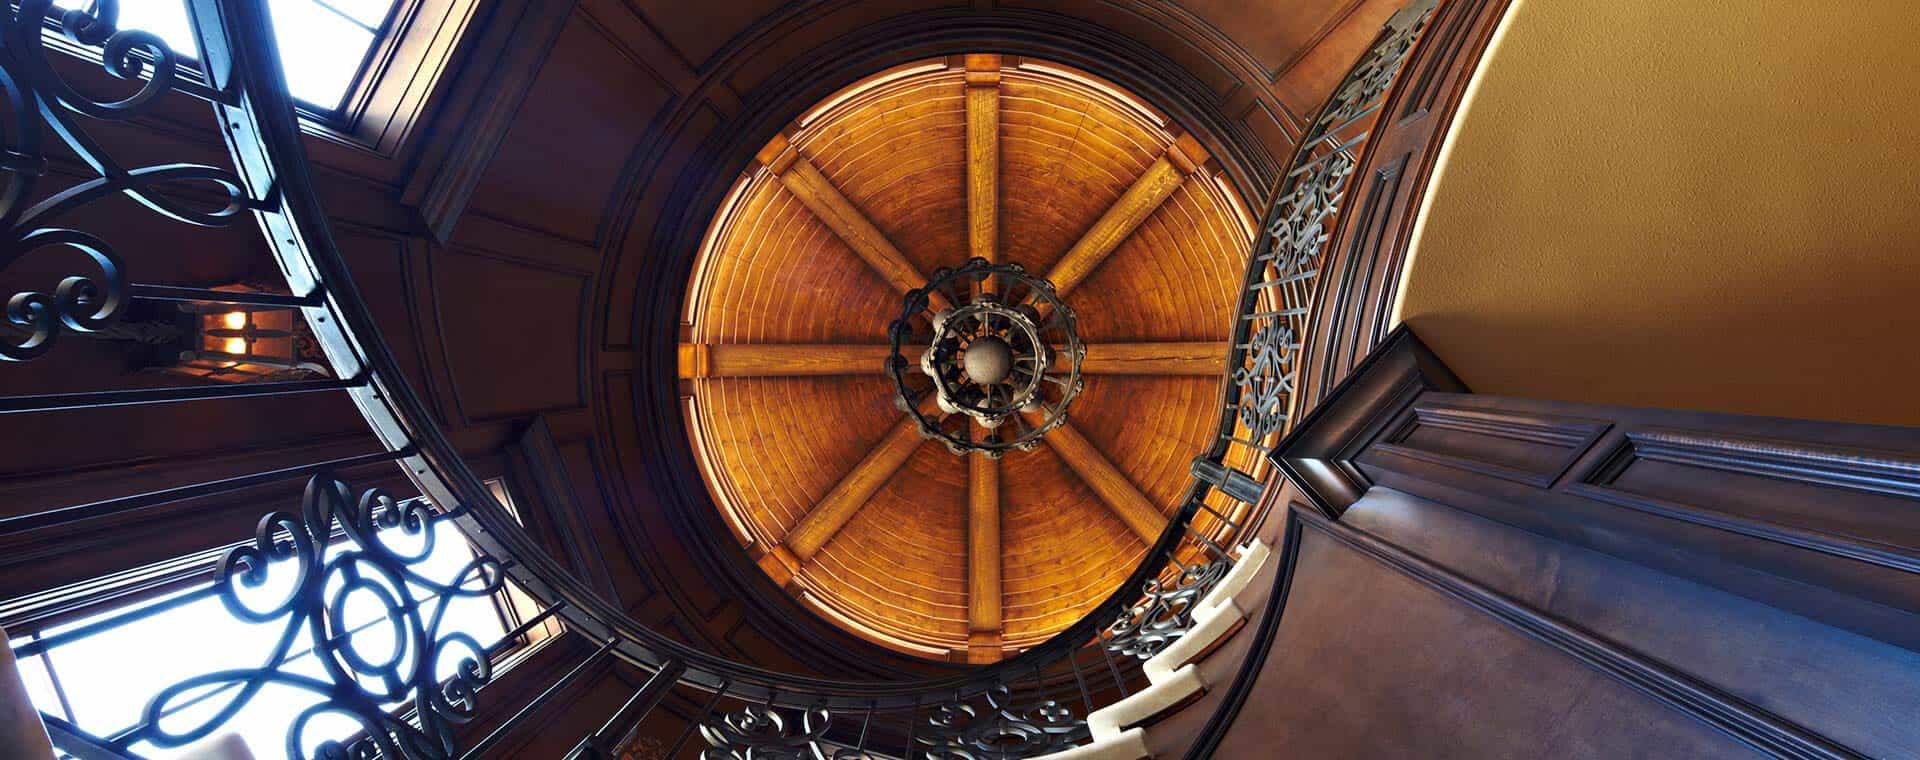 Ceiling of a home designed by Custom Home Builder Sam Vercher